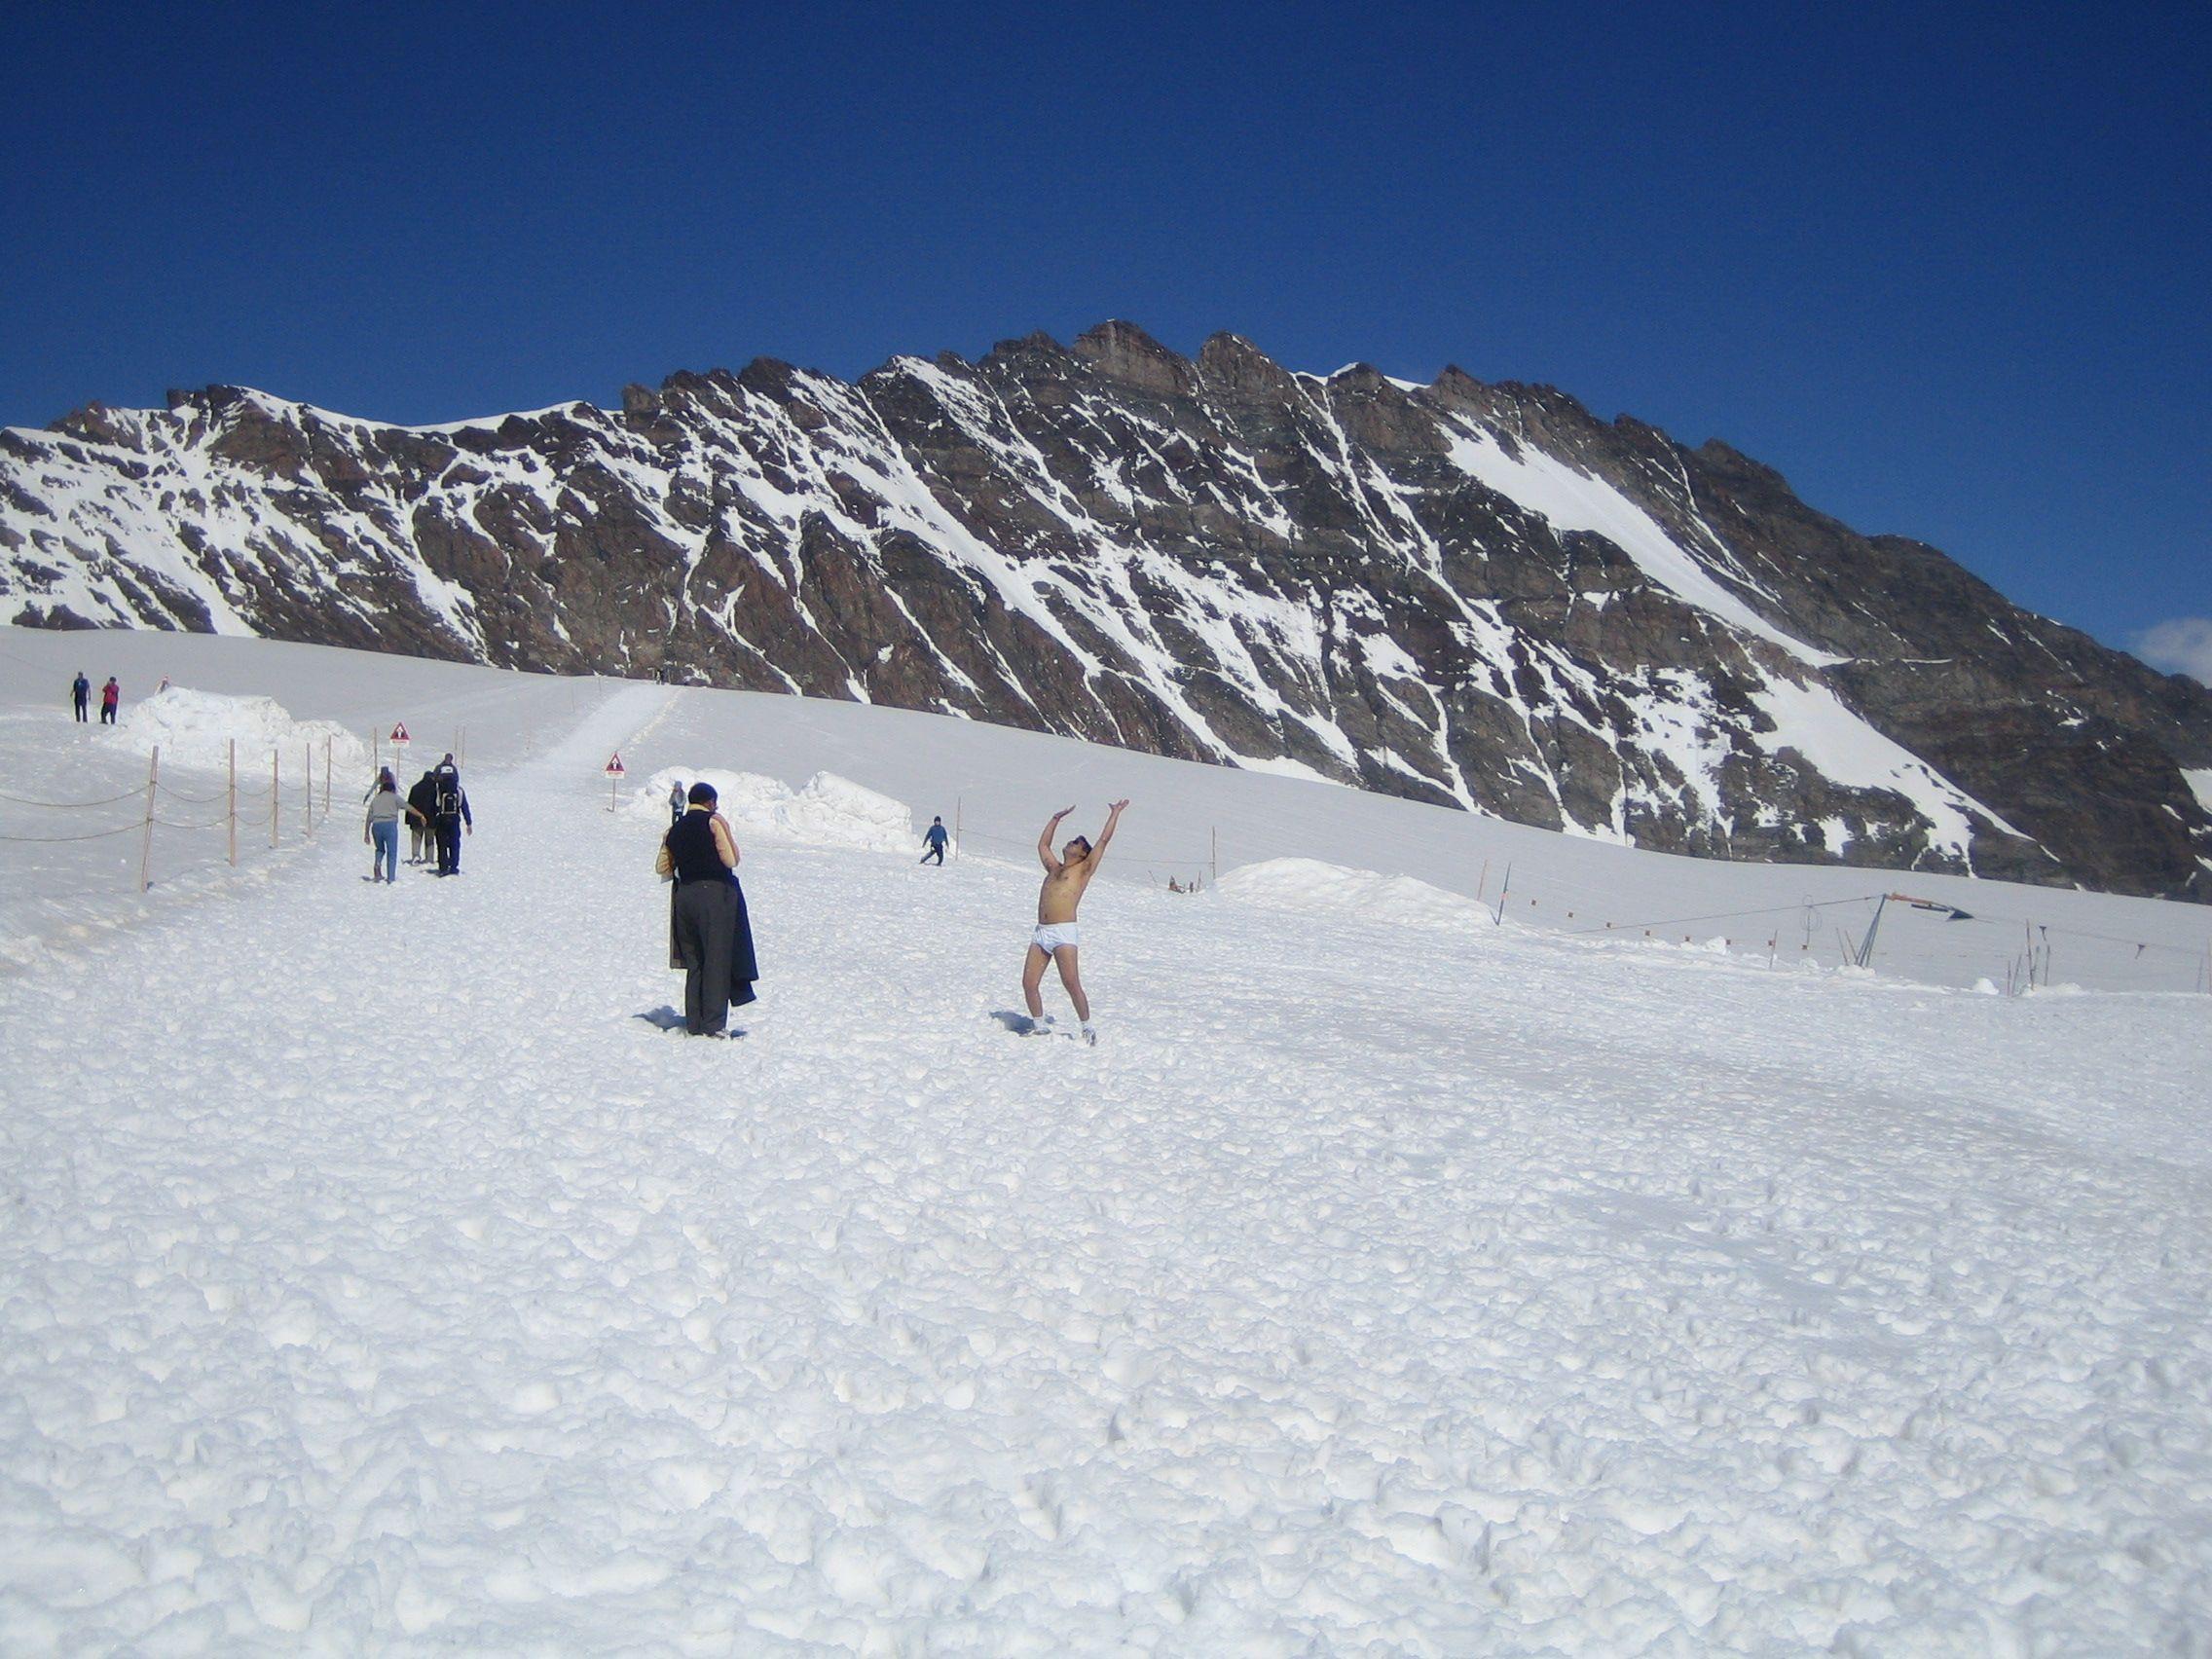 Ein Inder frönt auf dem Aletschgletscher der rituellen Entkleidung